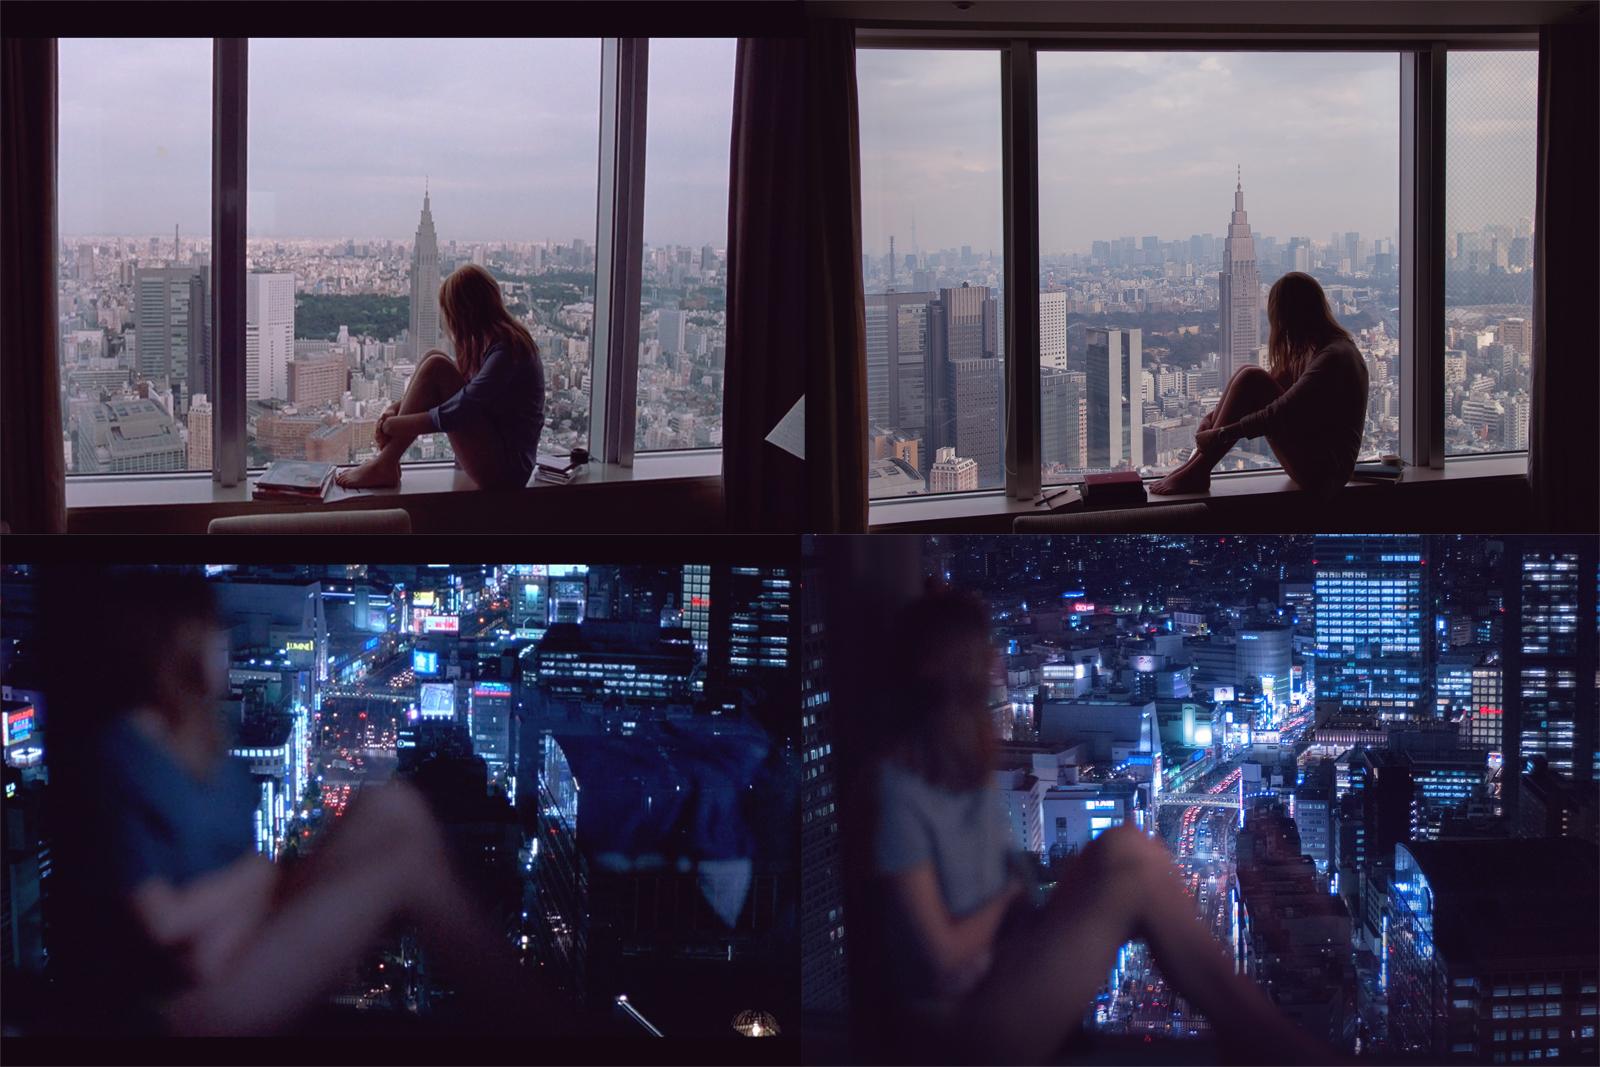 Remaking film stills from Lost in Translation at Park Hyatt in Tokyo